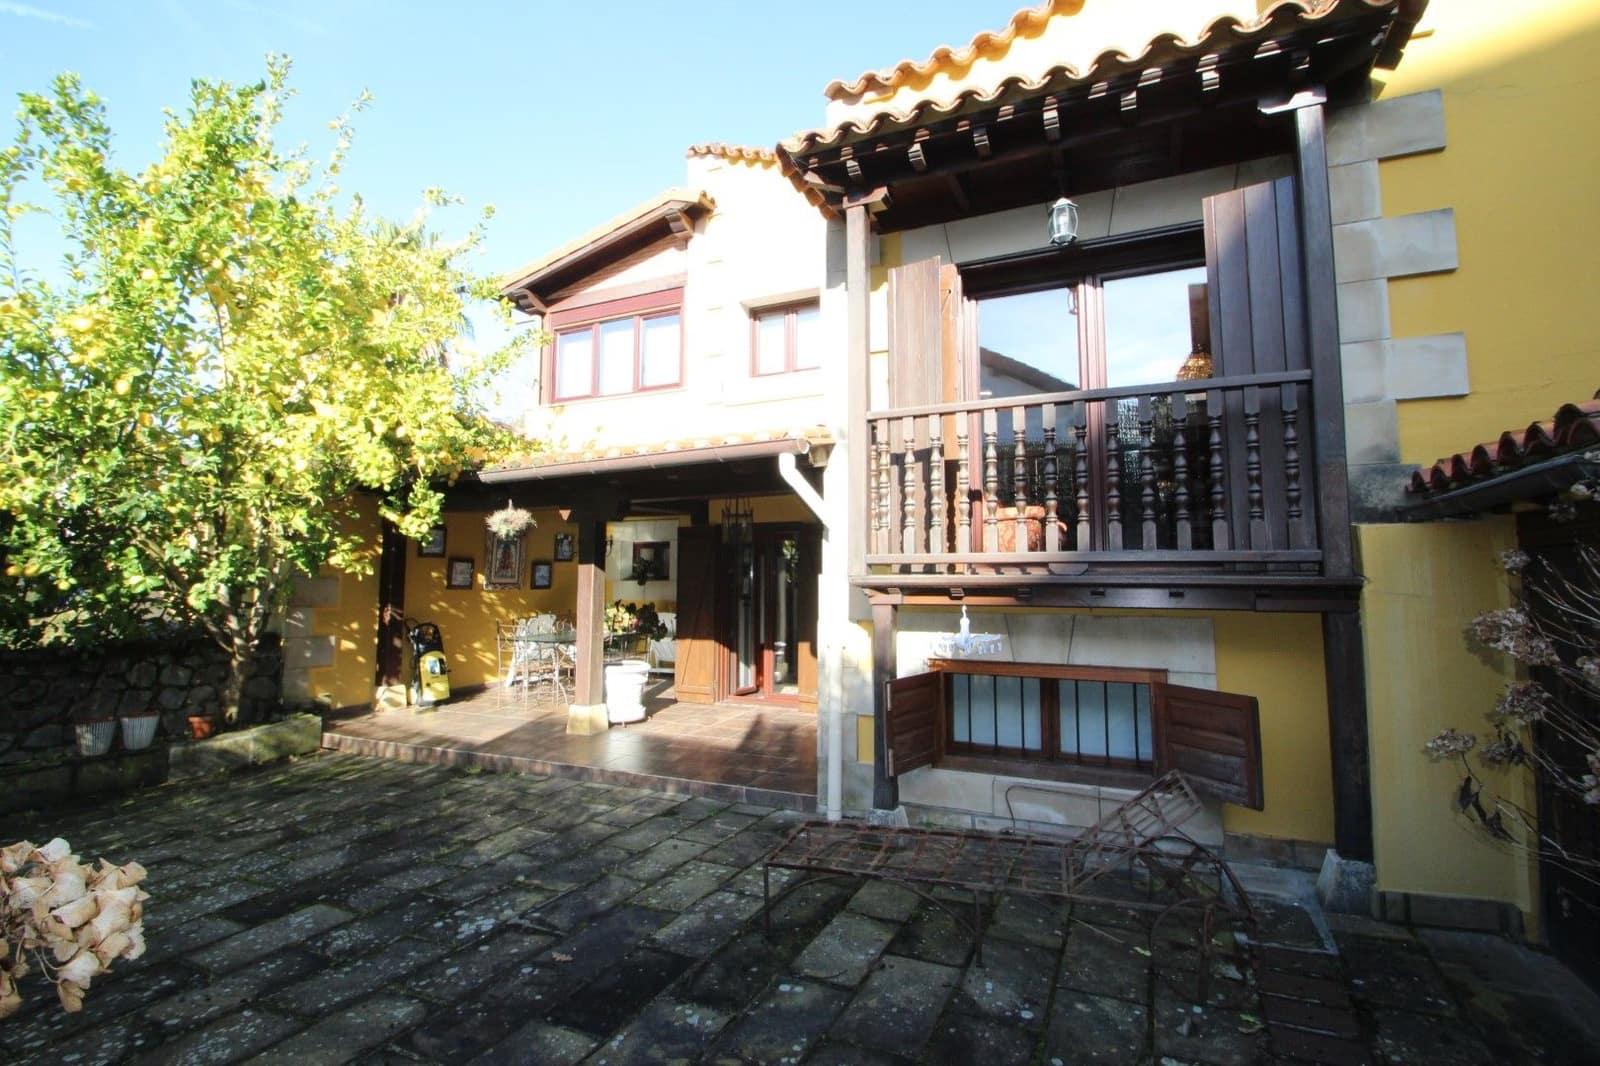 Adosado de 5 habitaciones en Comillas en venta con garaje - 360.000 € (Ref: 5166883)